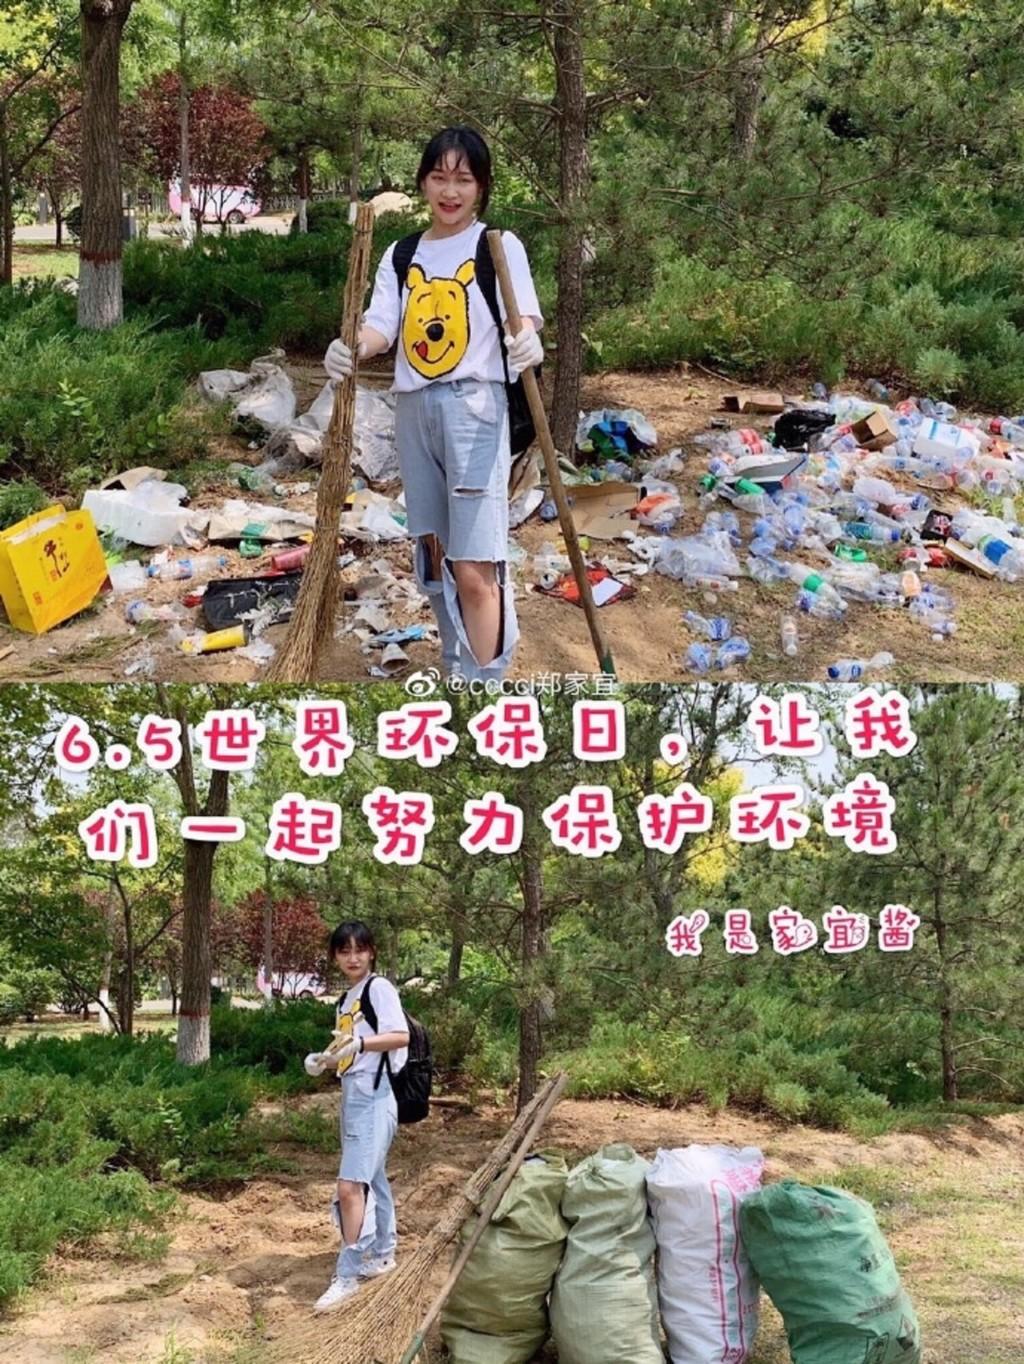 網美「撿公園垃圾」被踢爆作秀 網友公布「先丟再撿」證據...她喊冤:是反向教育!